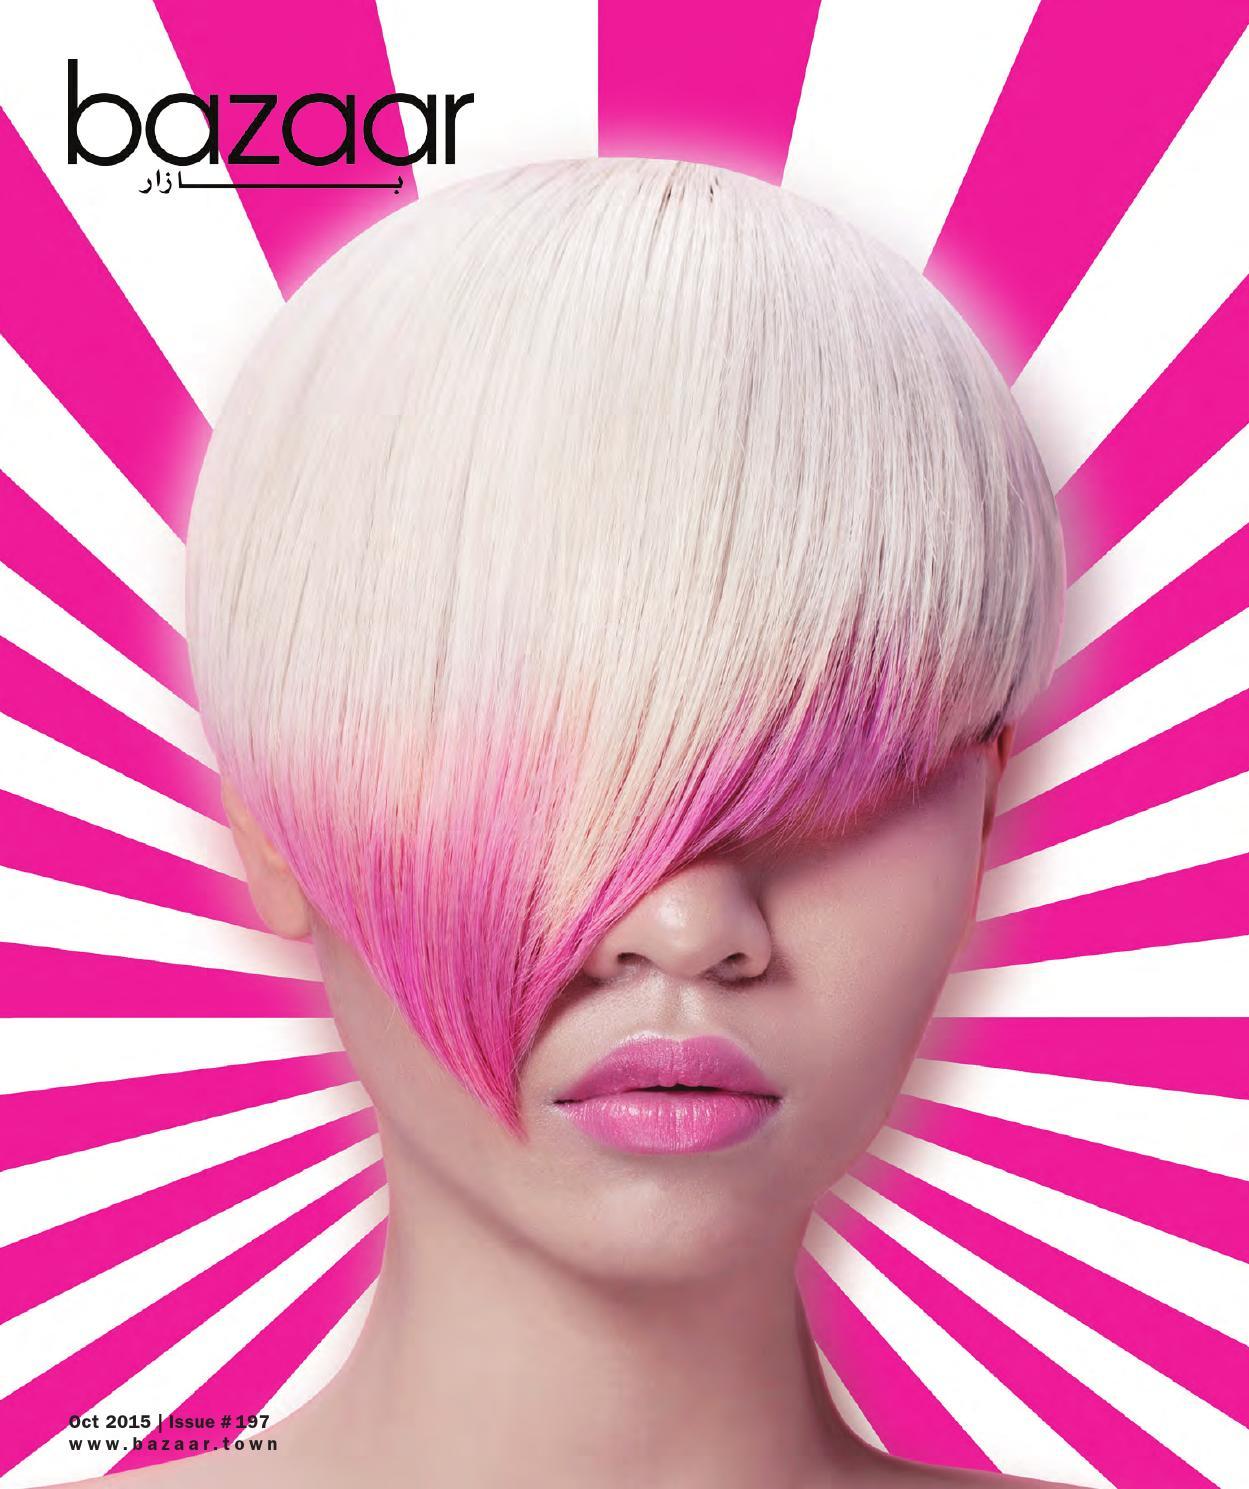 premium selection huge selection of best price bazaar October 2015 by bazaar magazine - issuu